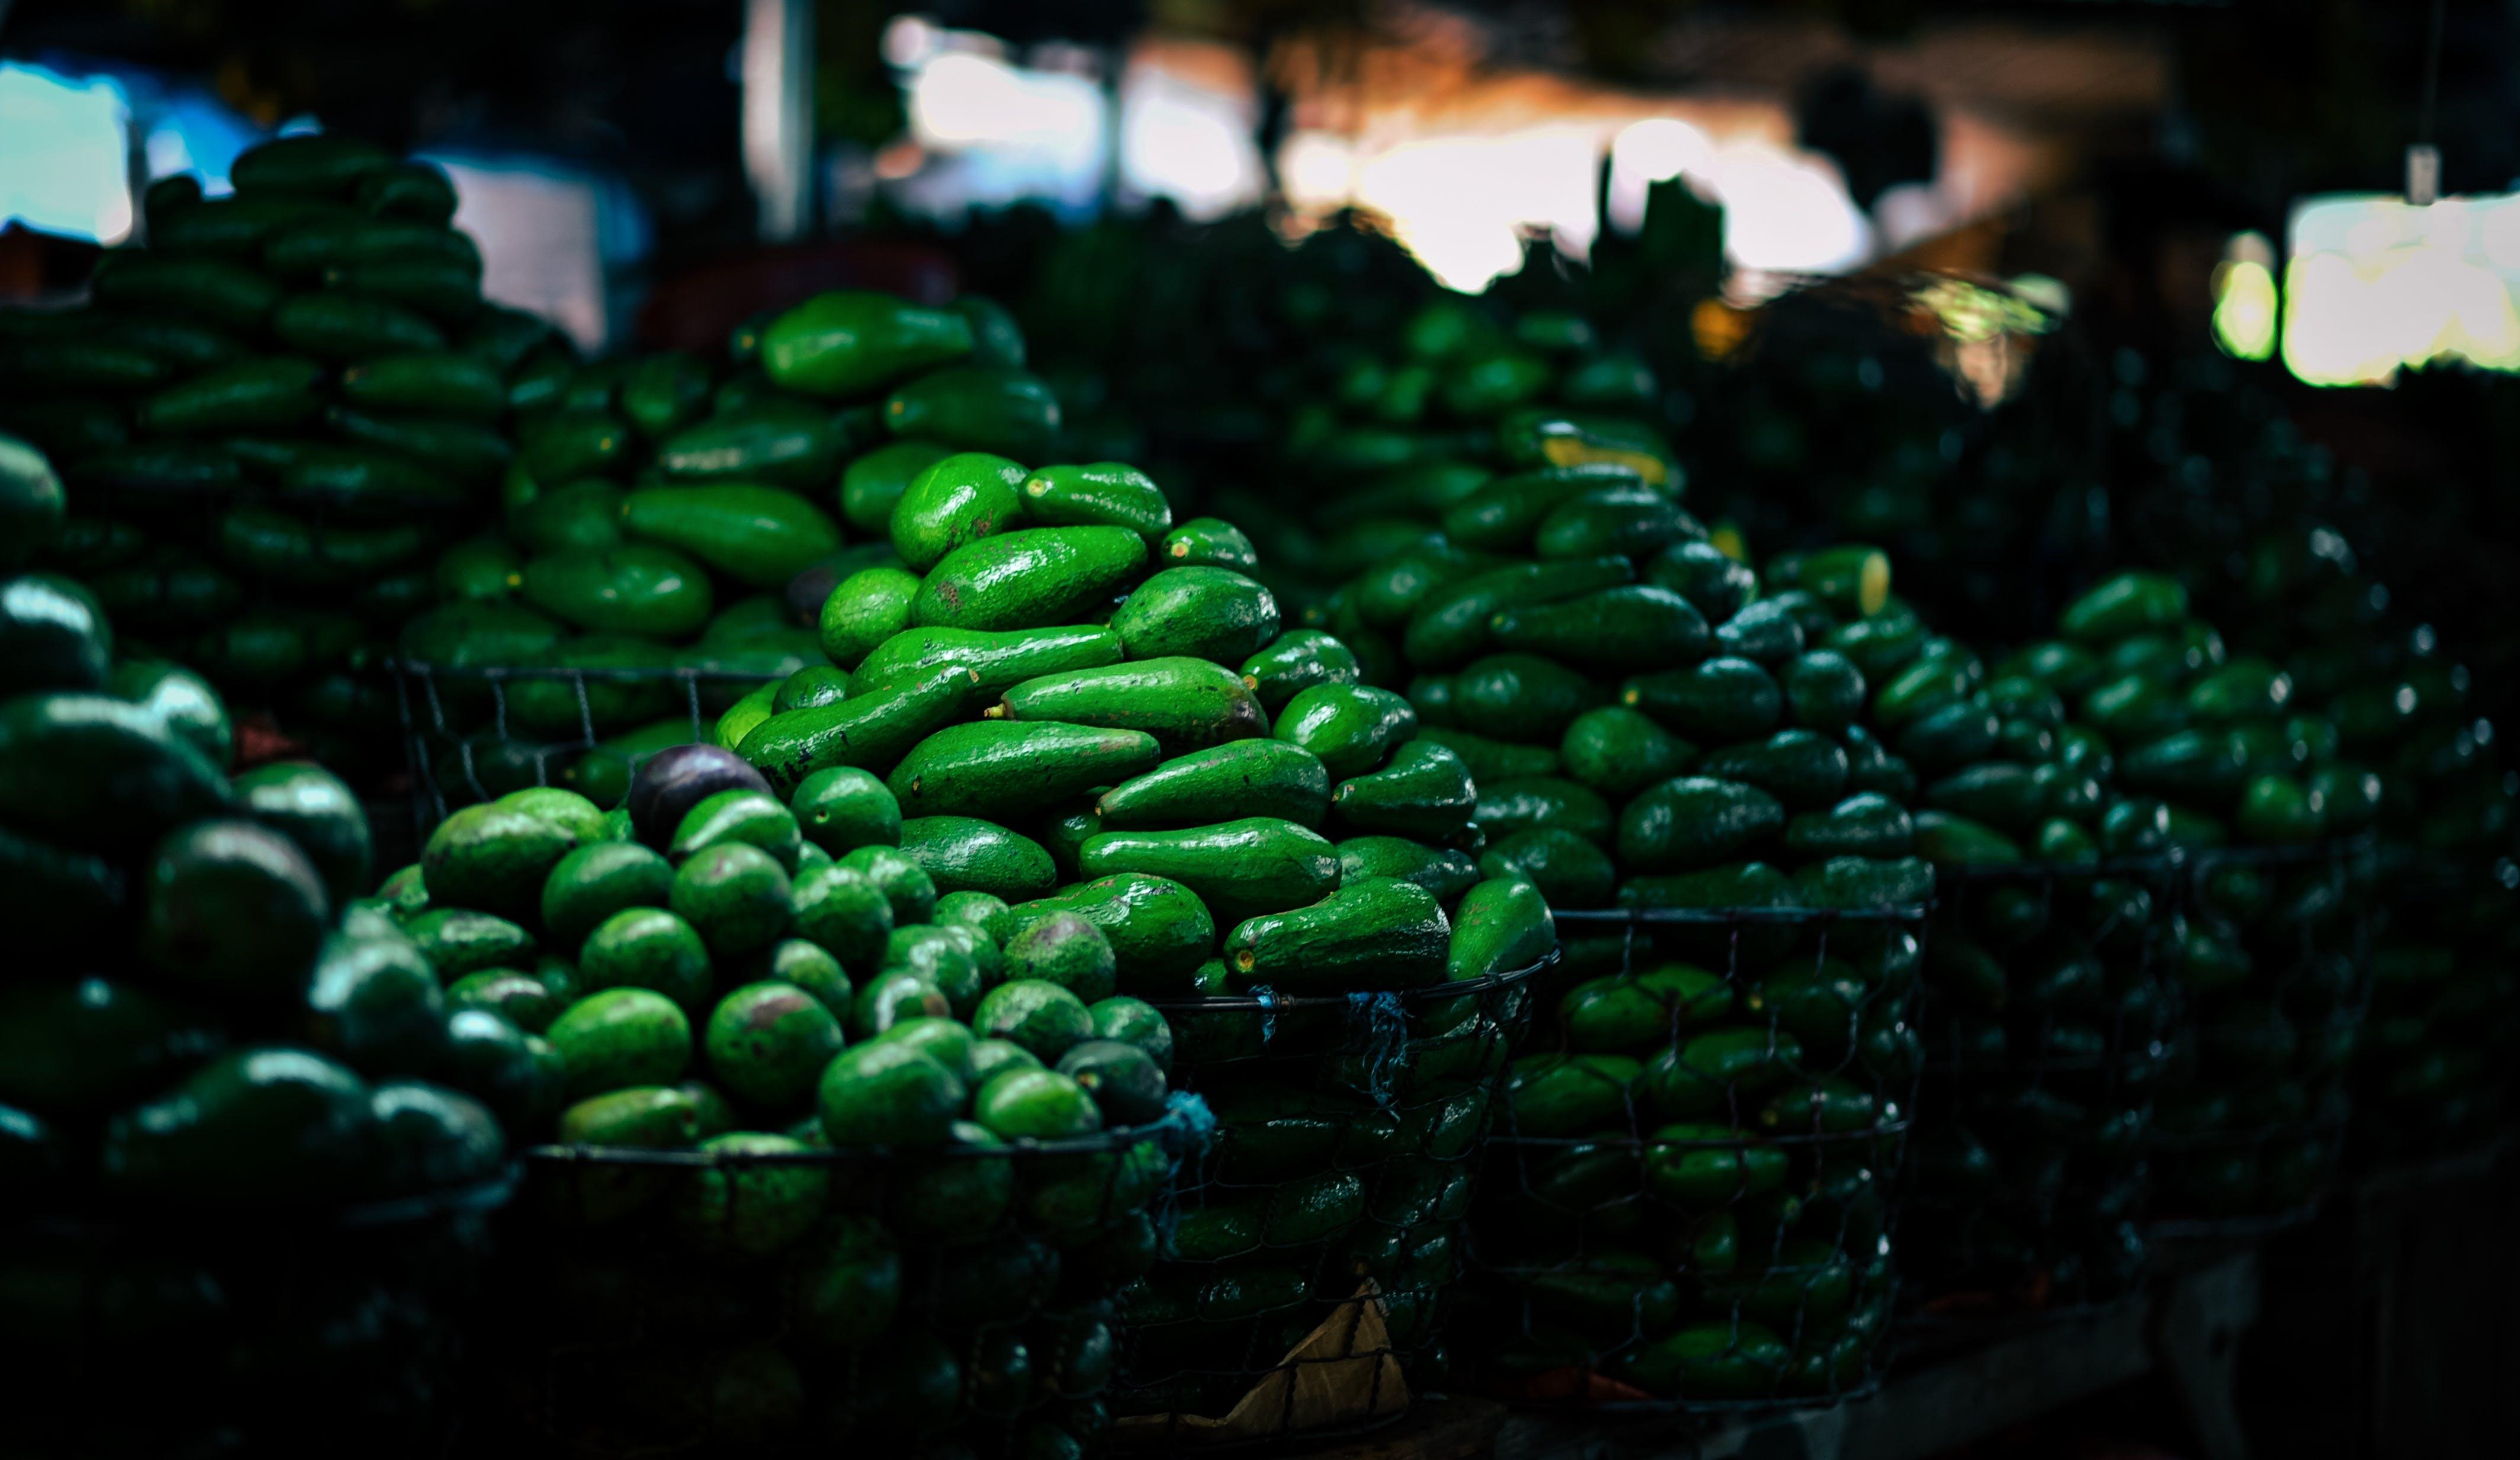 Kostenloses Stock Foto zu avocado, farben, feldfüchte, frisch